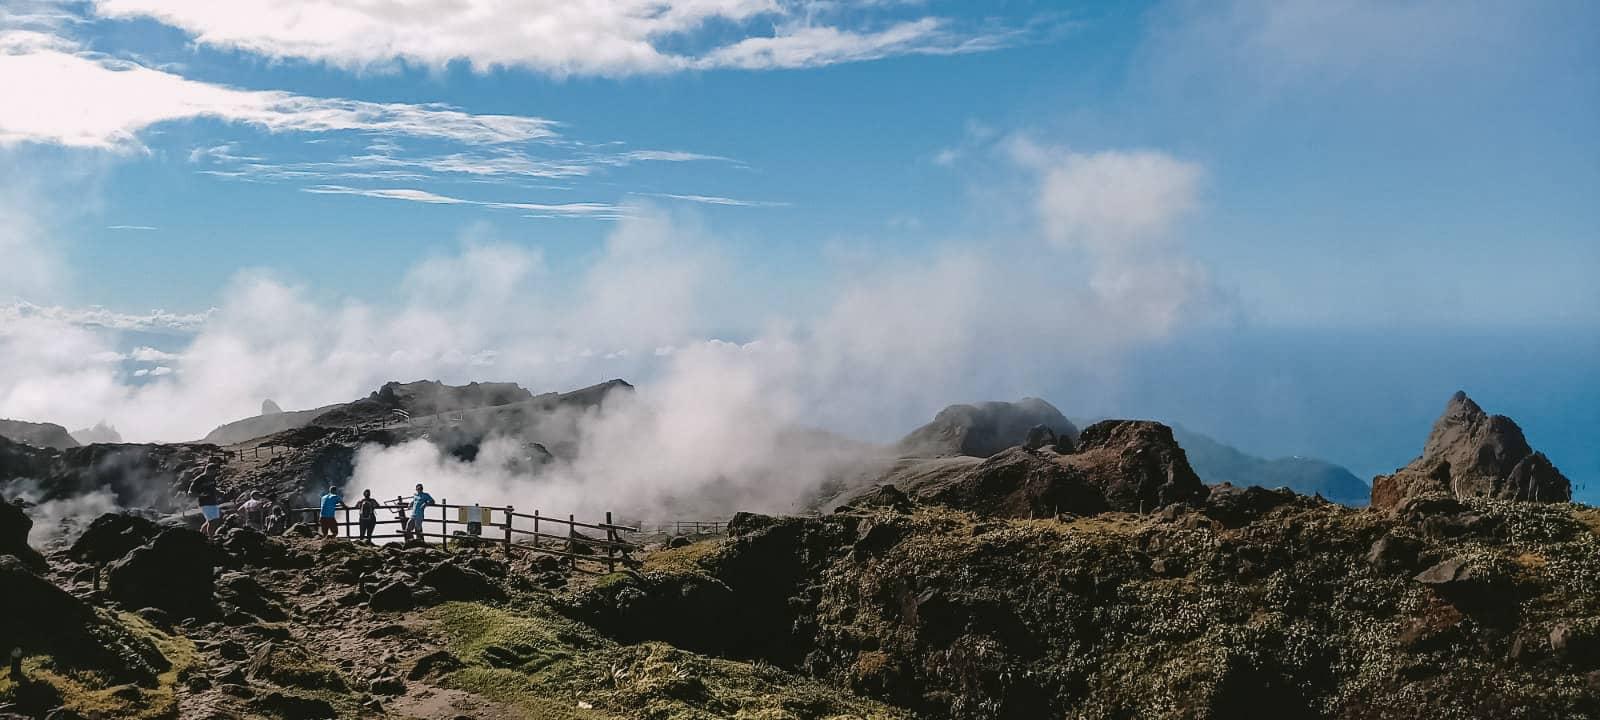 Fumerolles du volcan de la soufrière - Guadeloupe